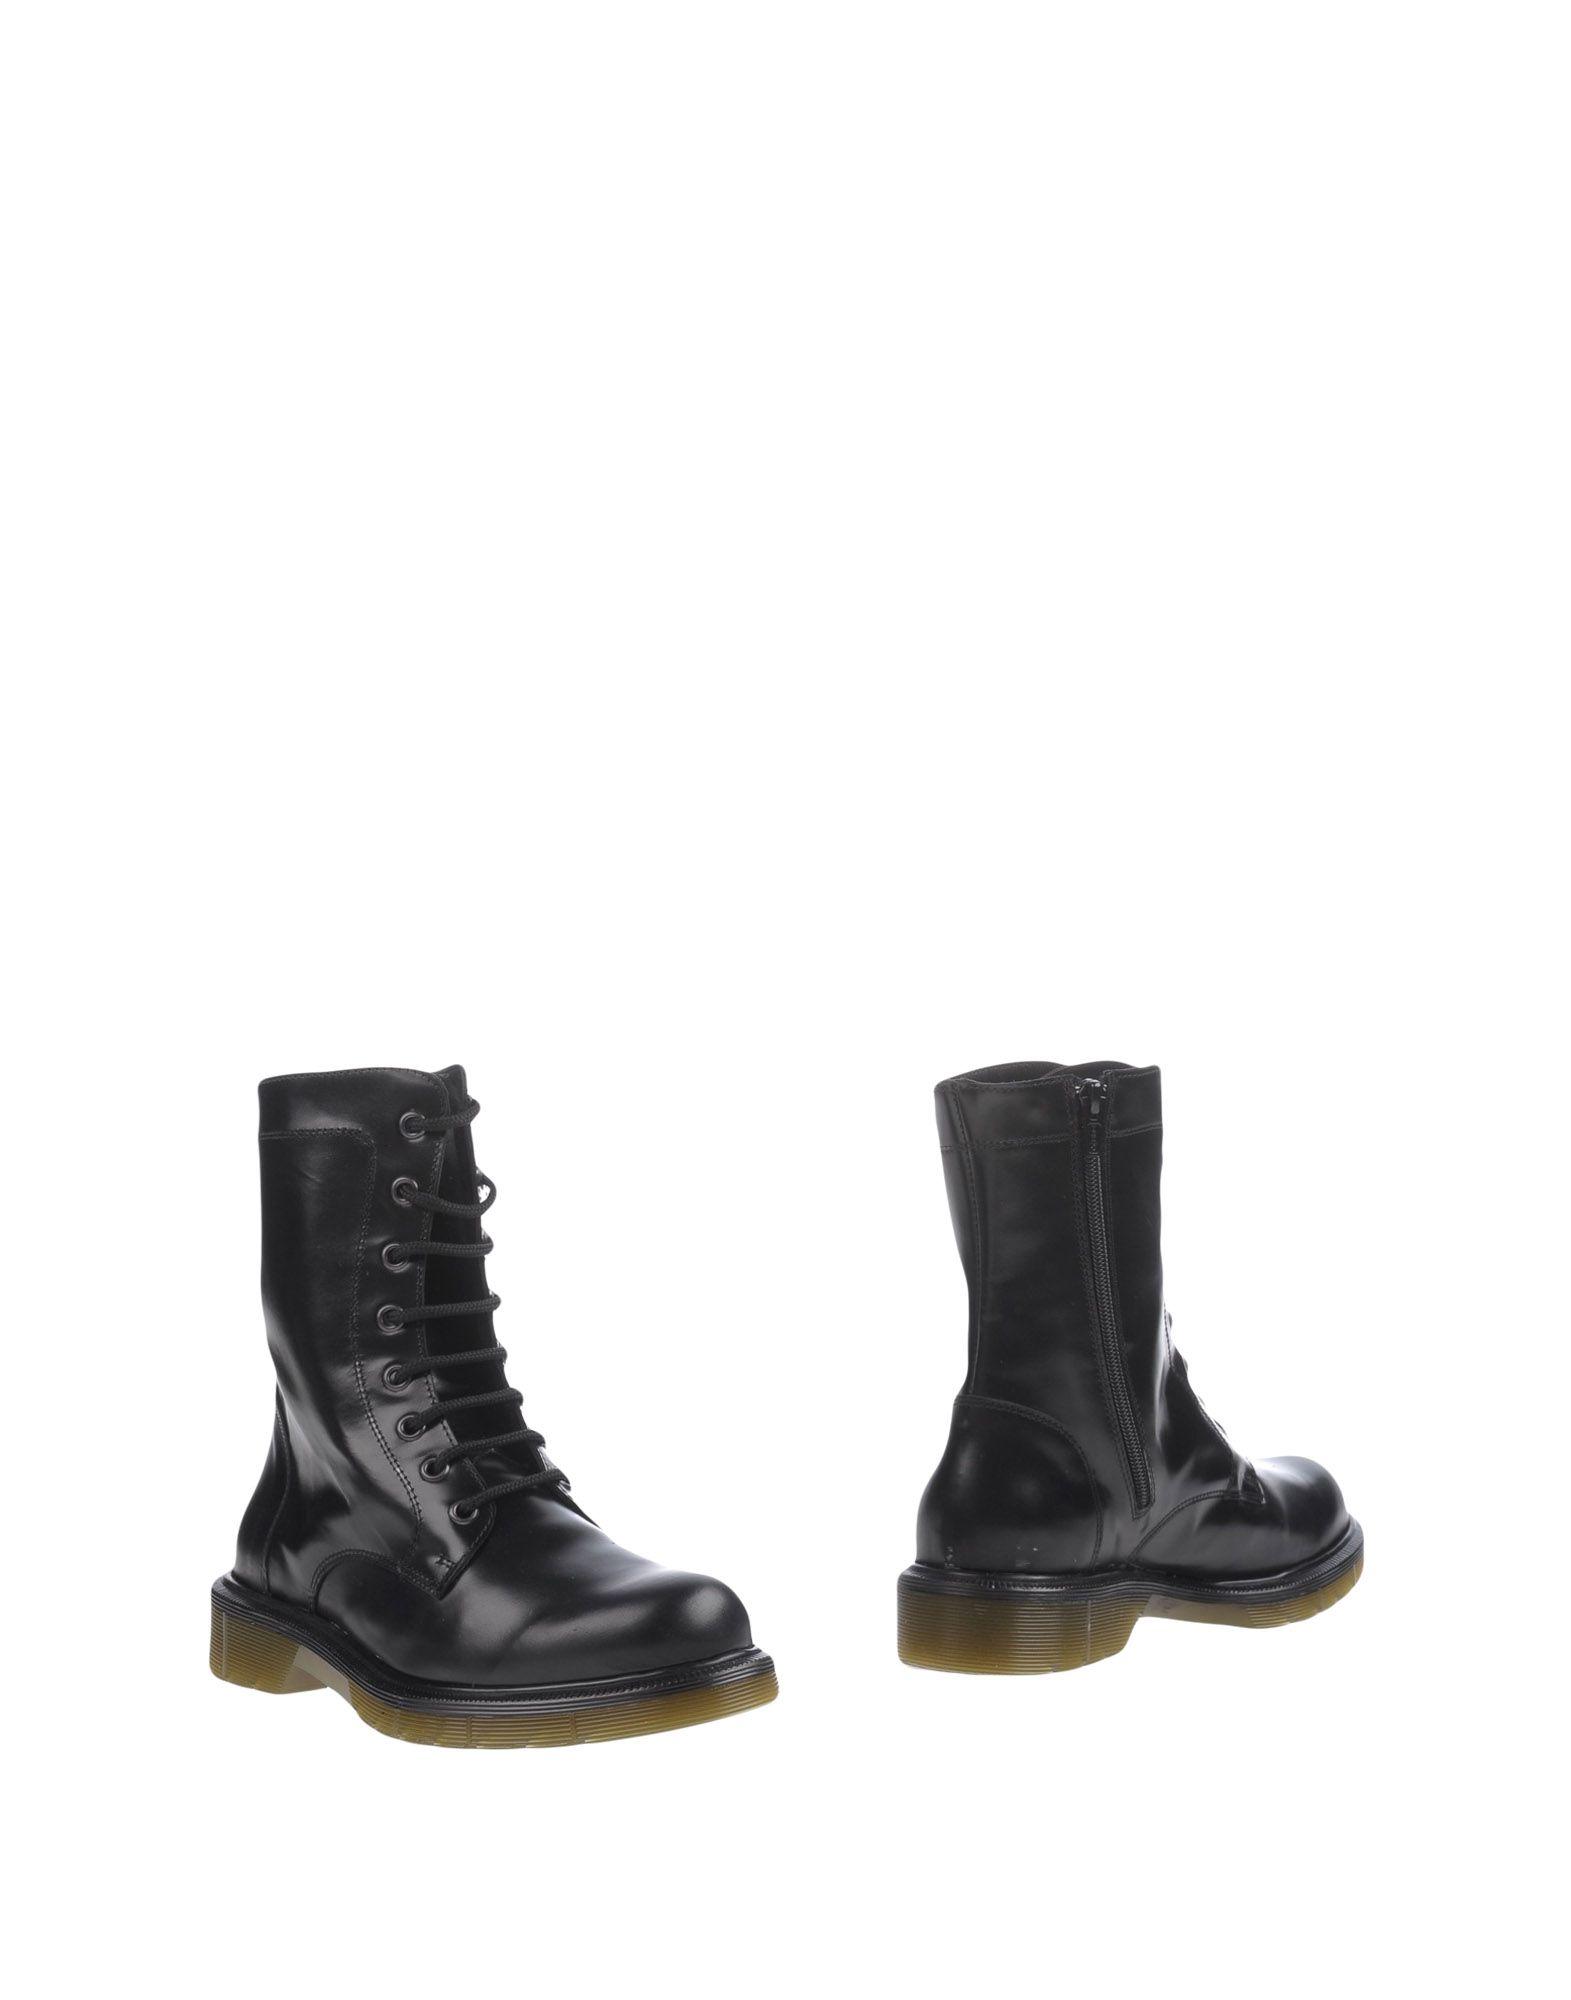 Gut um Stiefelette billige Schuhe zu tragenTsd12 Stiefelette um Damen  11211337MN 3b85c3